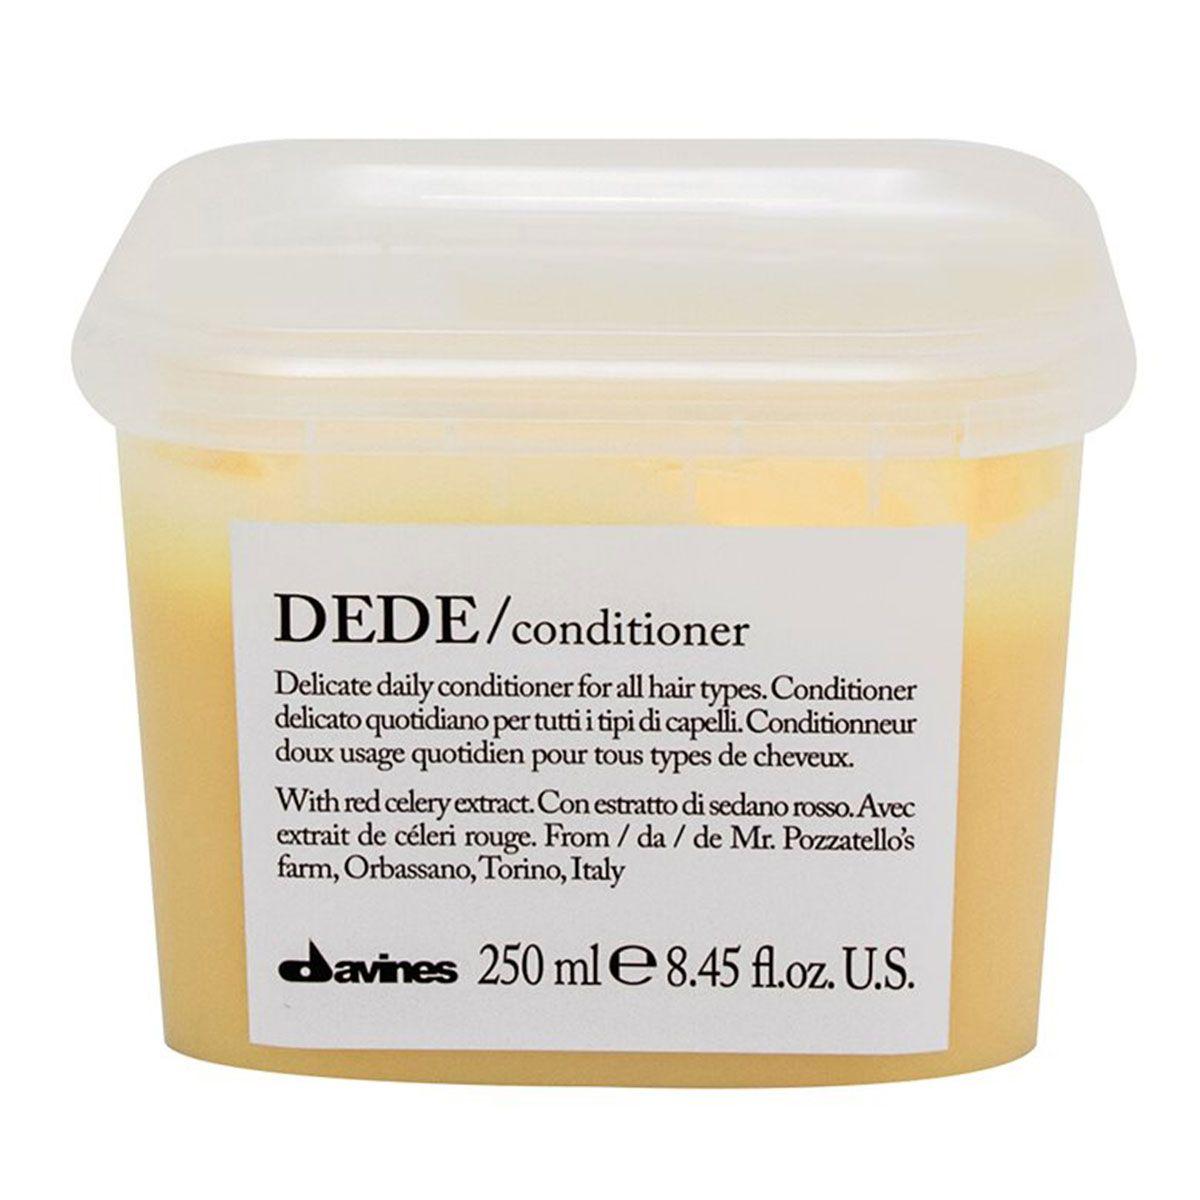 Davines Деликатный кондиционер Essential Haircare New Dede Conditioner, 250 млMP59.4DОсобая серия для бережного очищения волос любого типа. Активный экстракт красного сельдерея восстанавливает и питает локоны. Богатая важными антиоксидантами формула восстанавливает локоны. Минеральные соли, амино кислоты в высокой концентрации обеспечивают благоприятное воздействие на кудри, полностью очищают волосы, дарят им свежесть и чистоту.